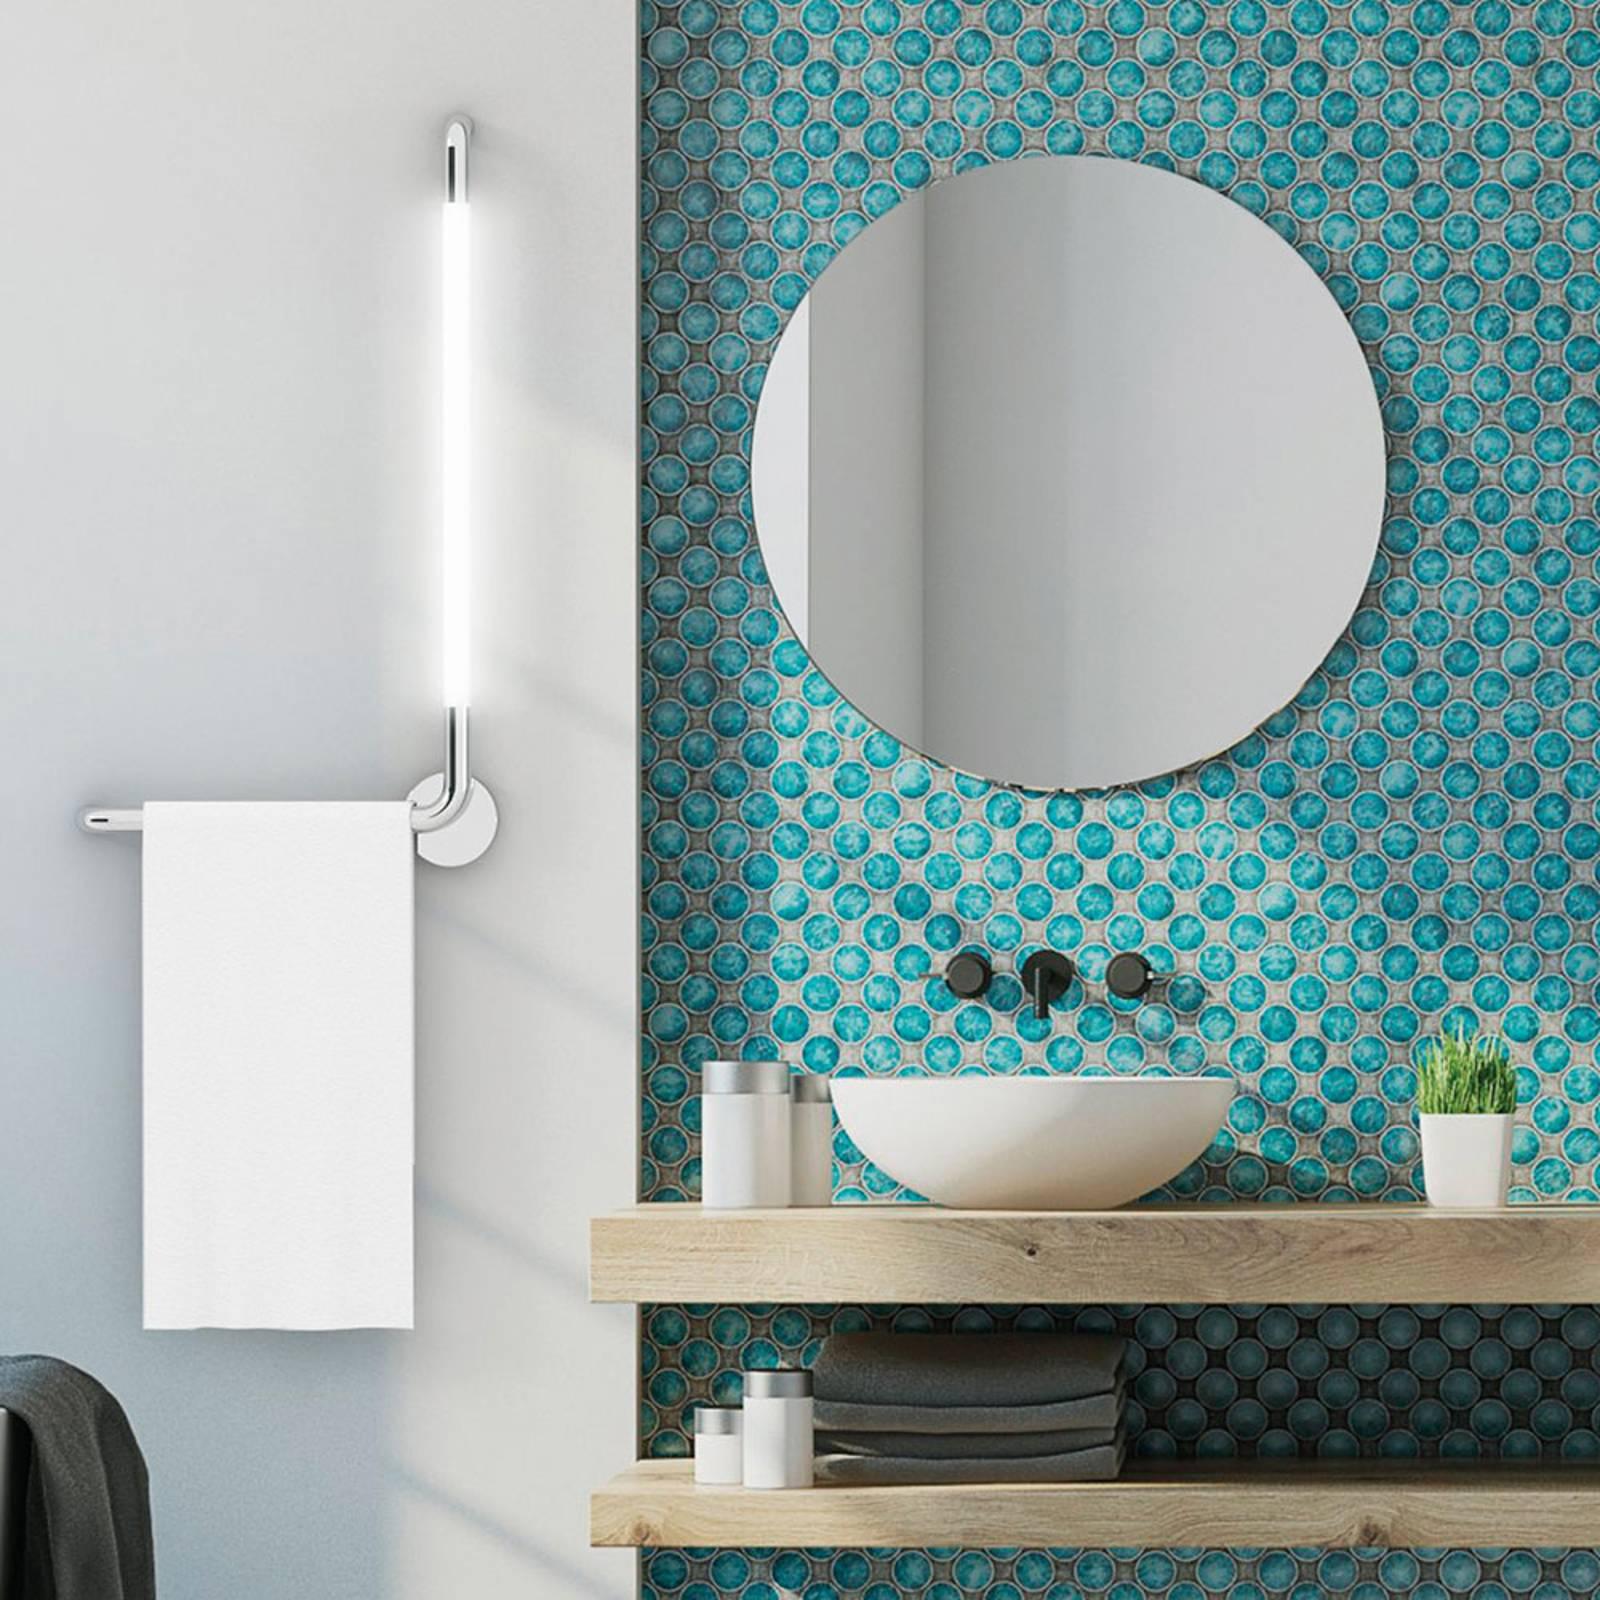 Kylpyhuoneen LED-seinälamppu Tubus, oikea